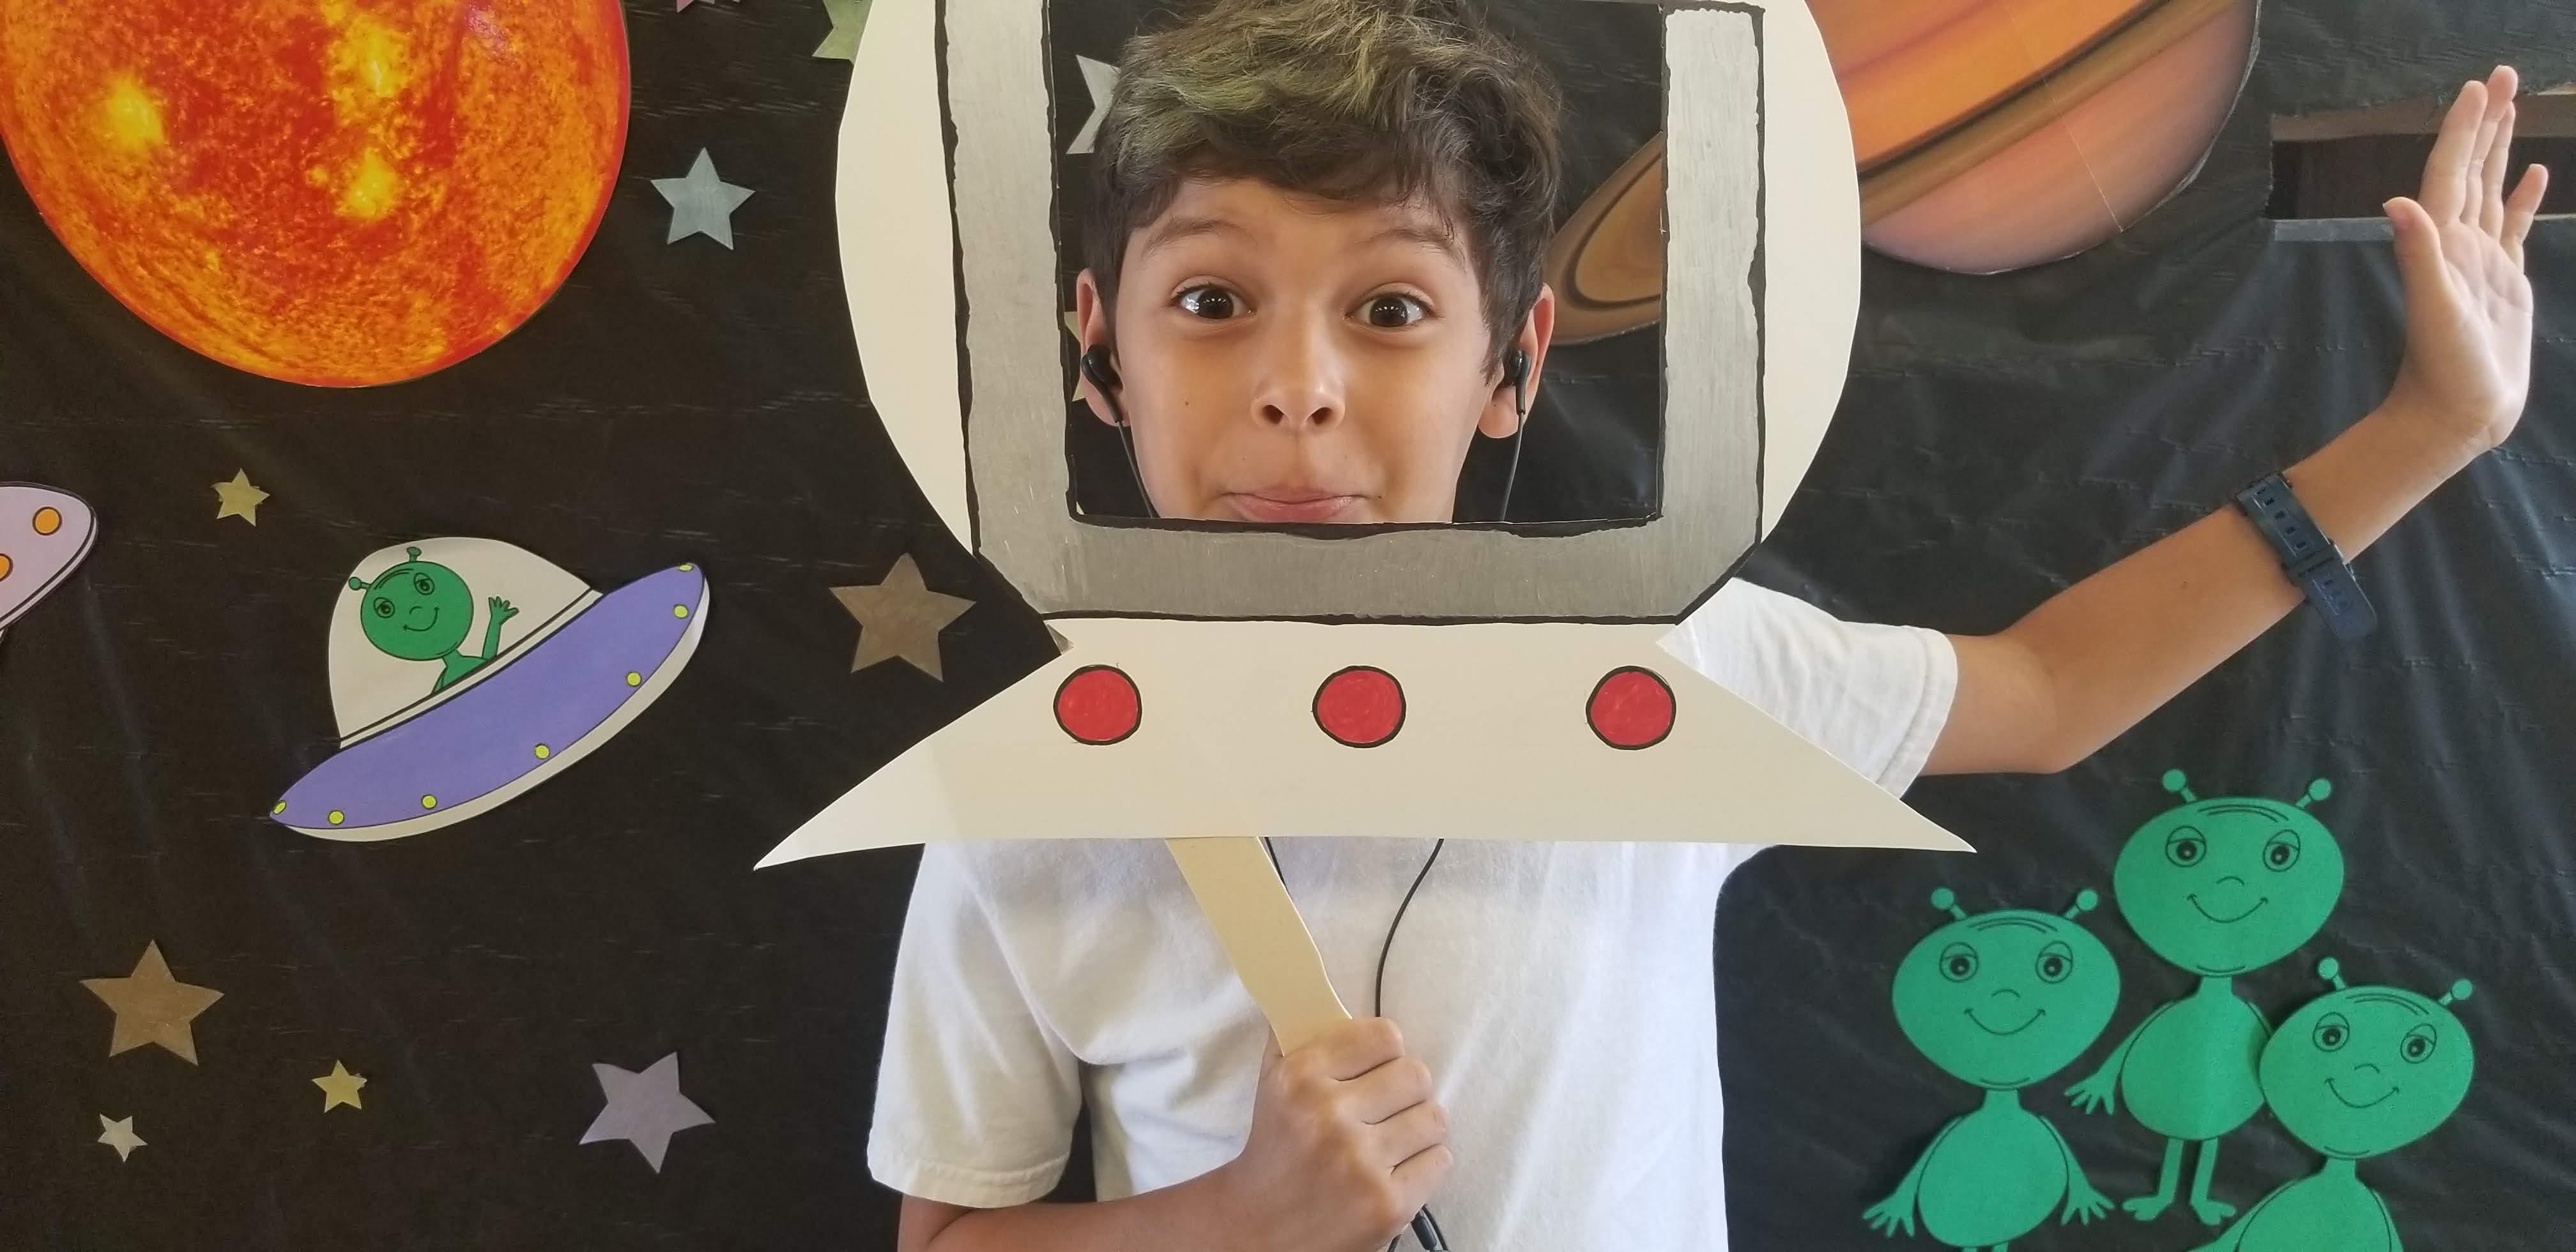 Ethan faisant preuve de créativité pour une de ses vidéos. On espère que les aliens sont tout aussi sympas IRL !